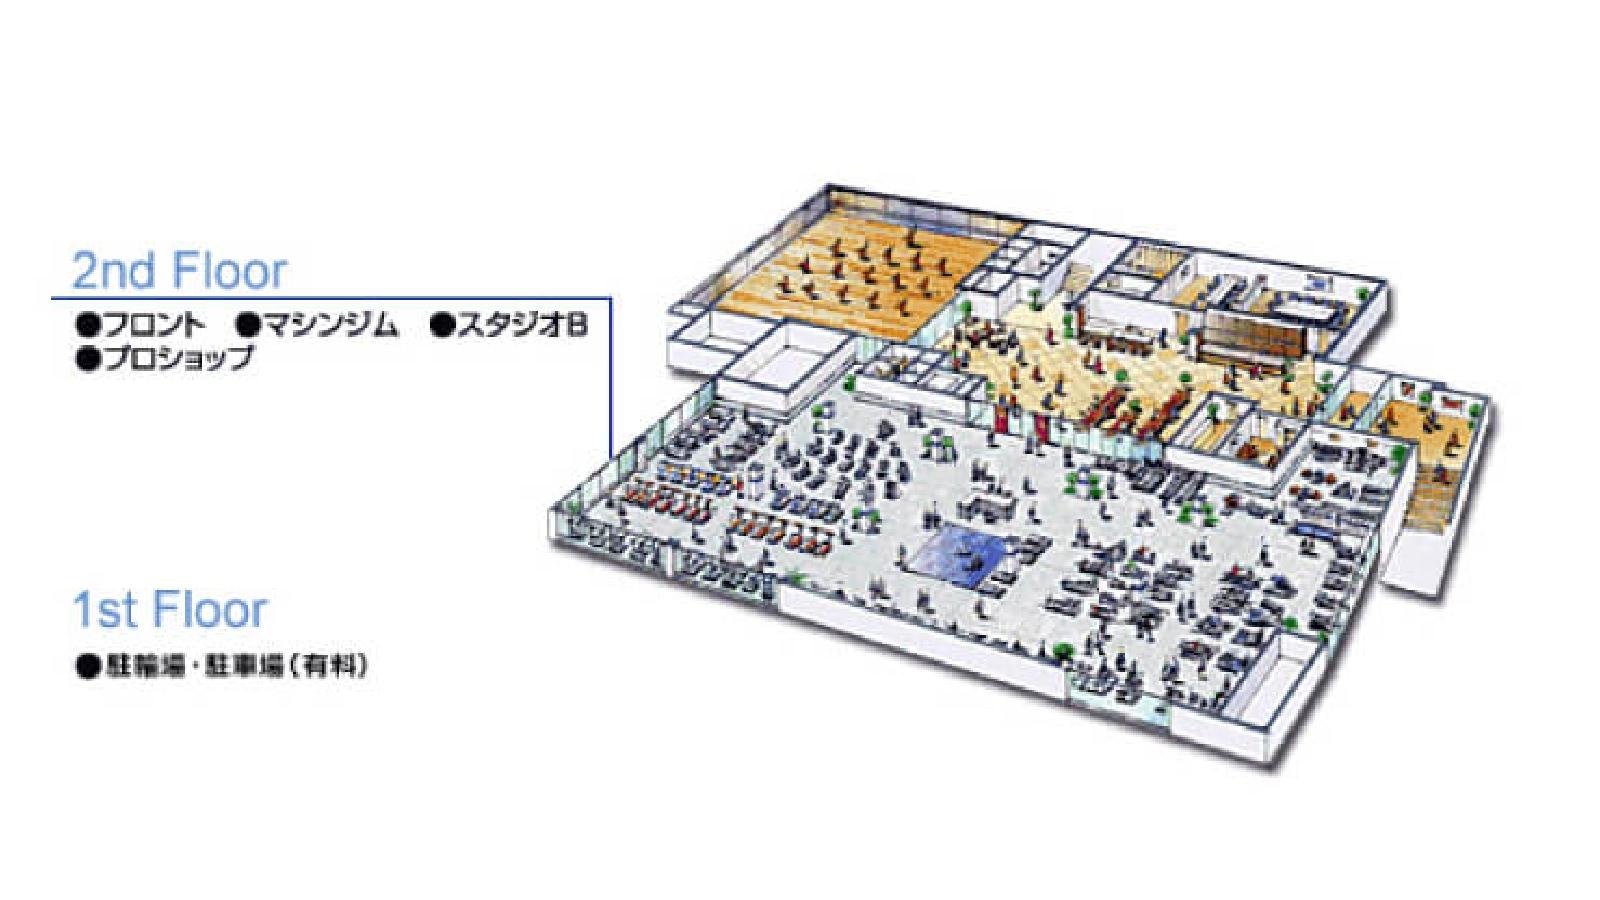 吉祥寺店のフロアガイド2